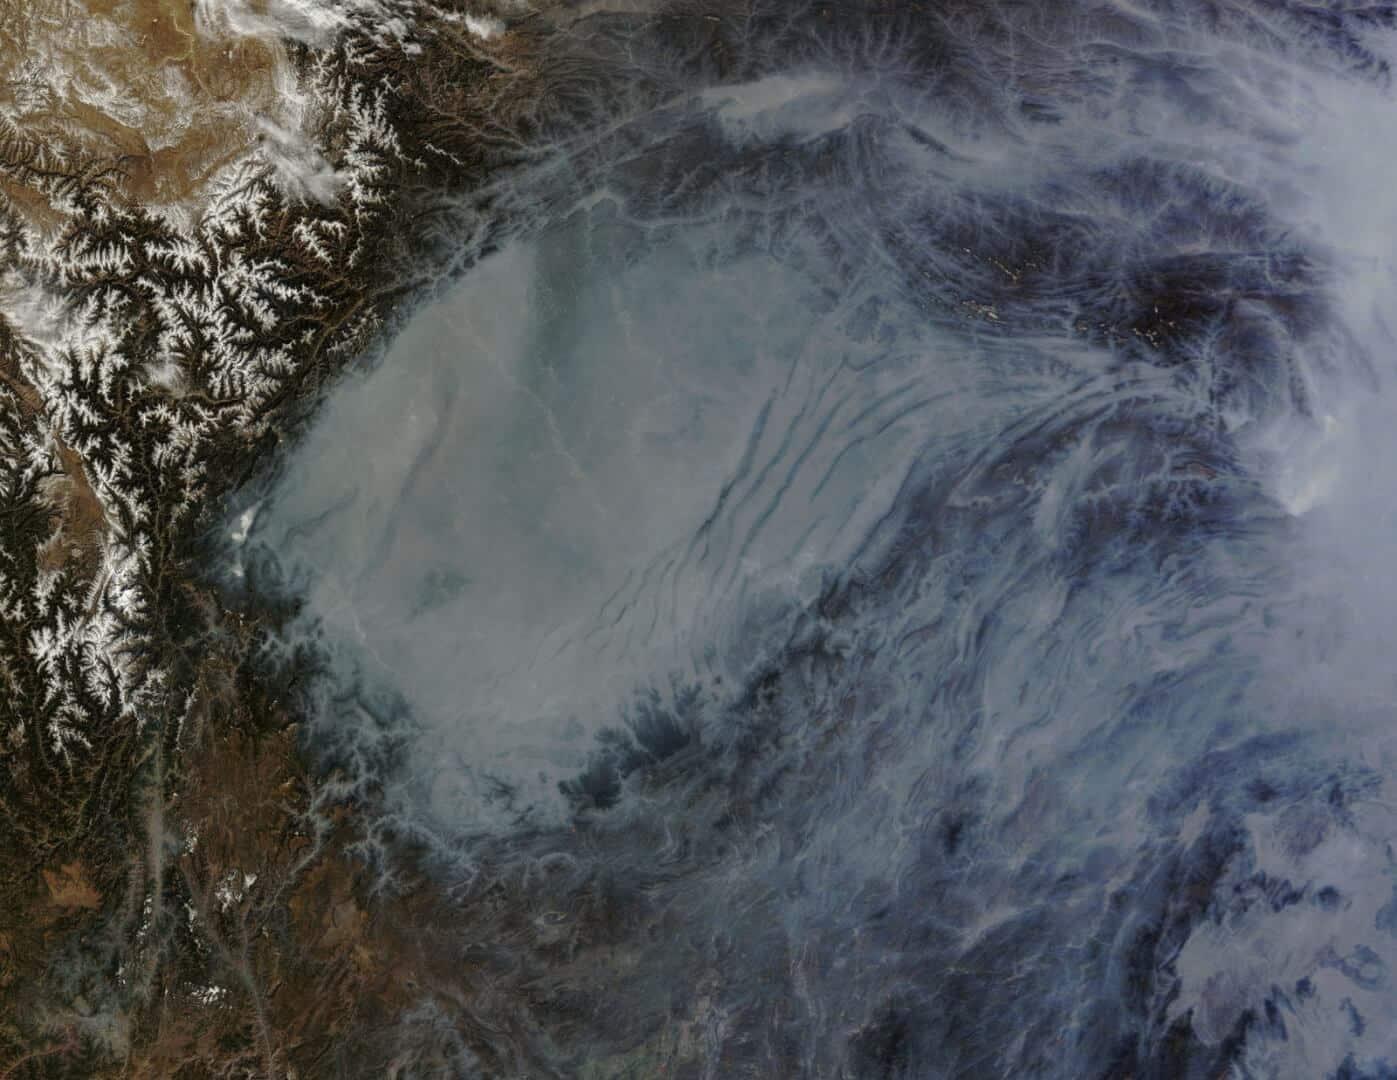 Chiny Smog z kosmosu. NASA Goddard Space Flight Center